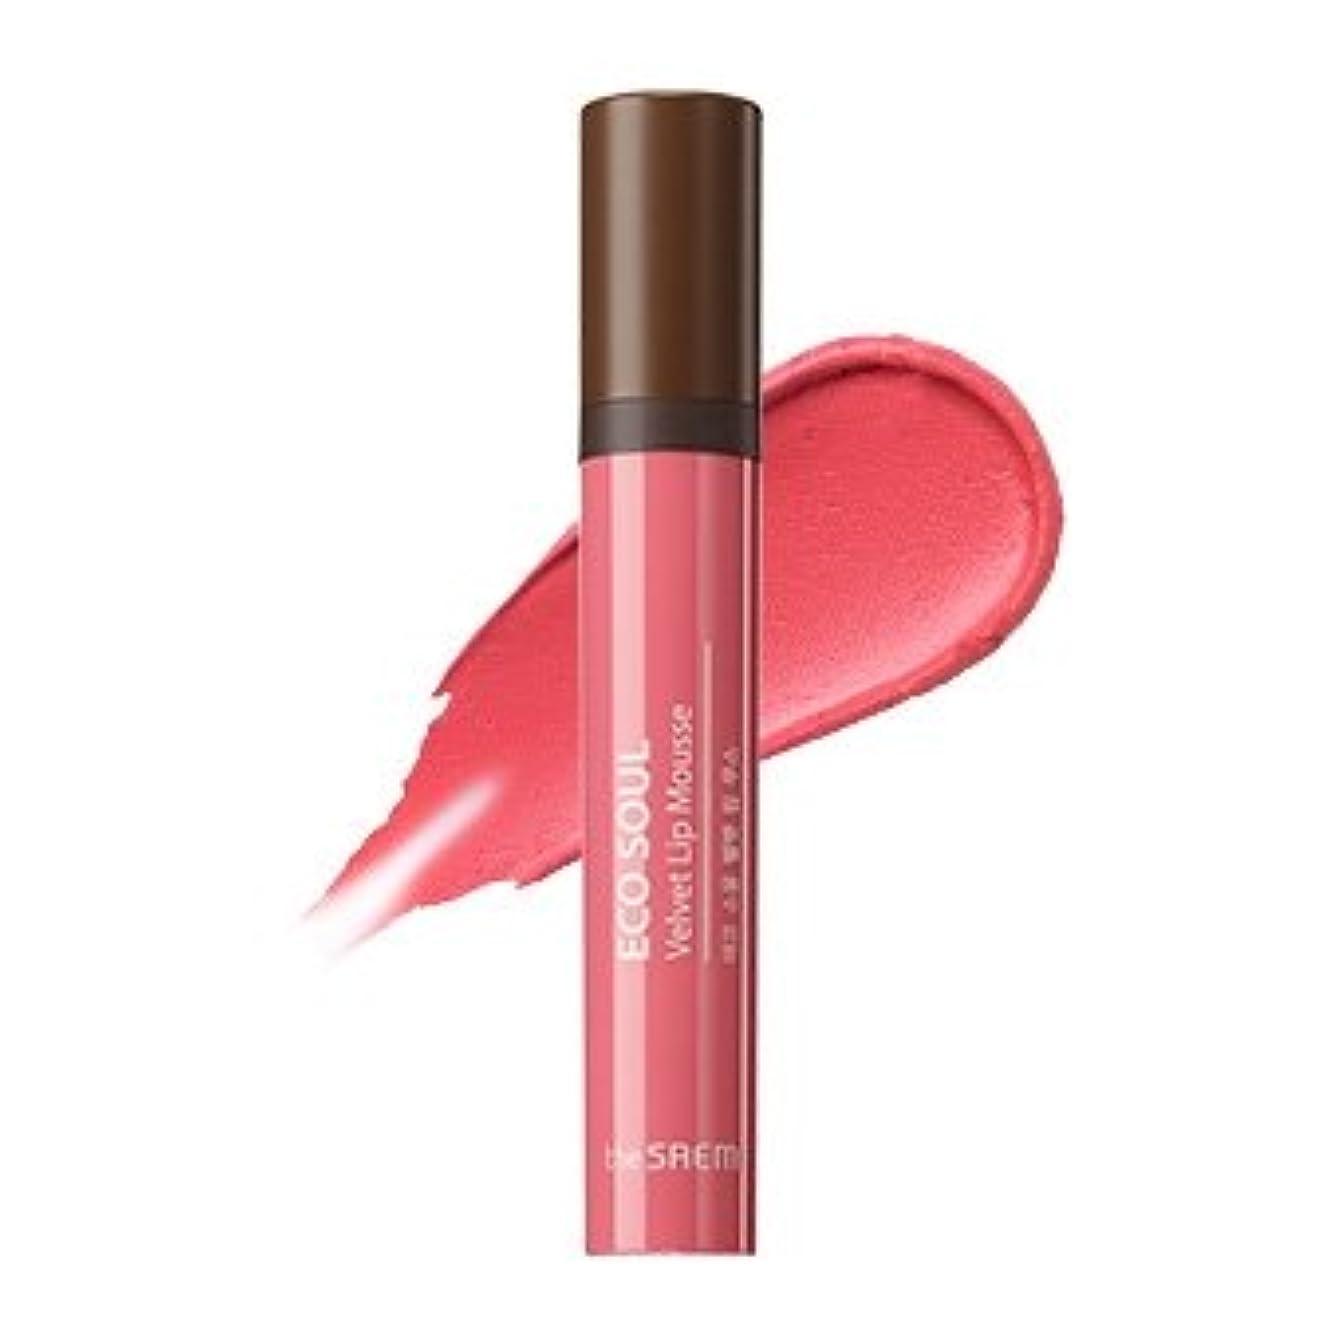 セッティングちょっと待ってひいきにするthe SAEM Eco Soul Velvet Lip Mousse 5.5g/ザセム エコ ソウル ベルベット リップ ムース 5.5g (#CR01 Bless You) [並行輸入品]